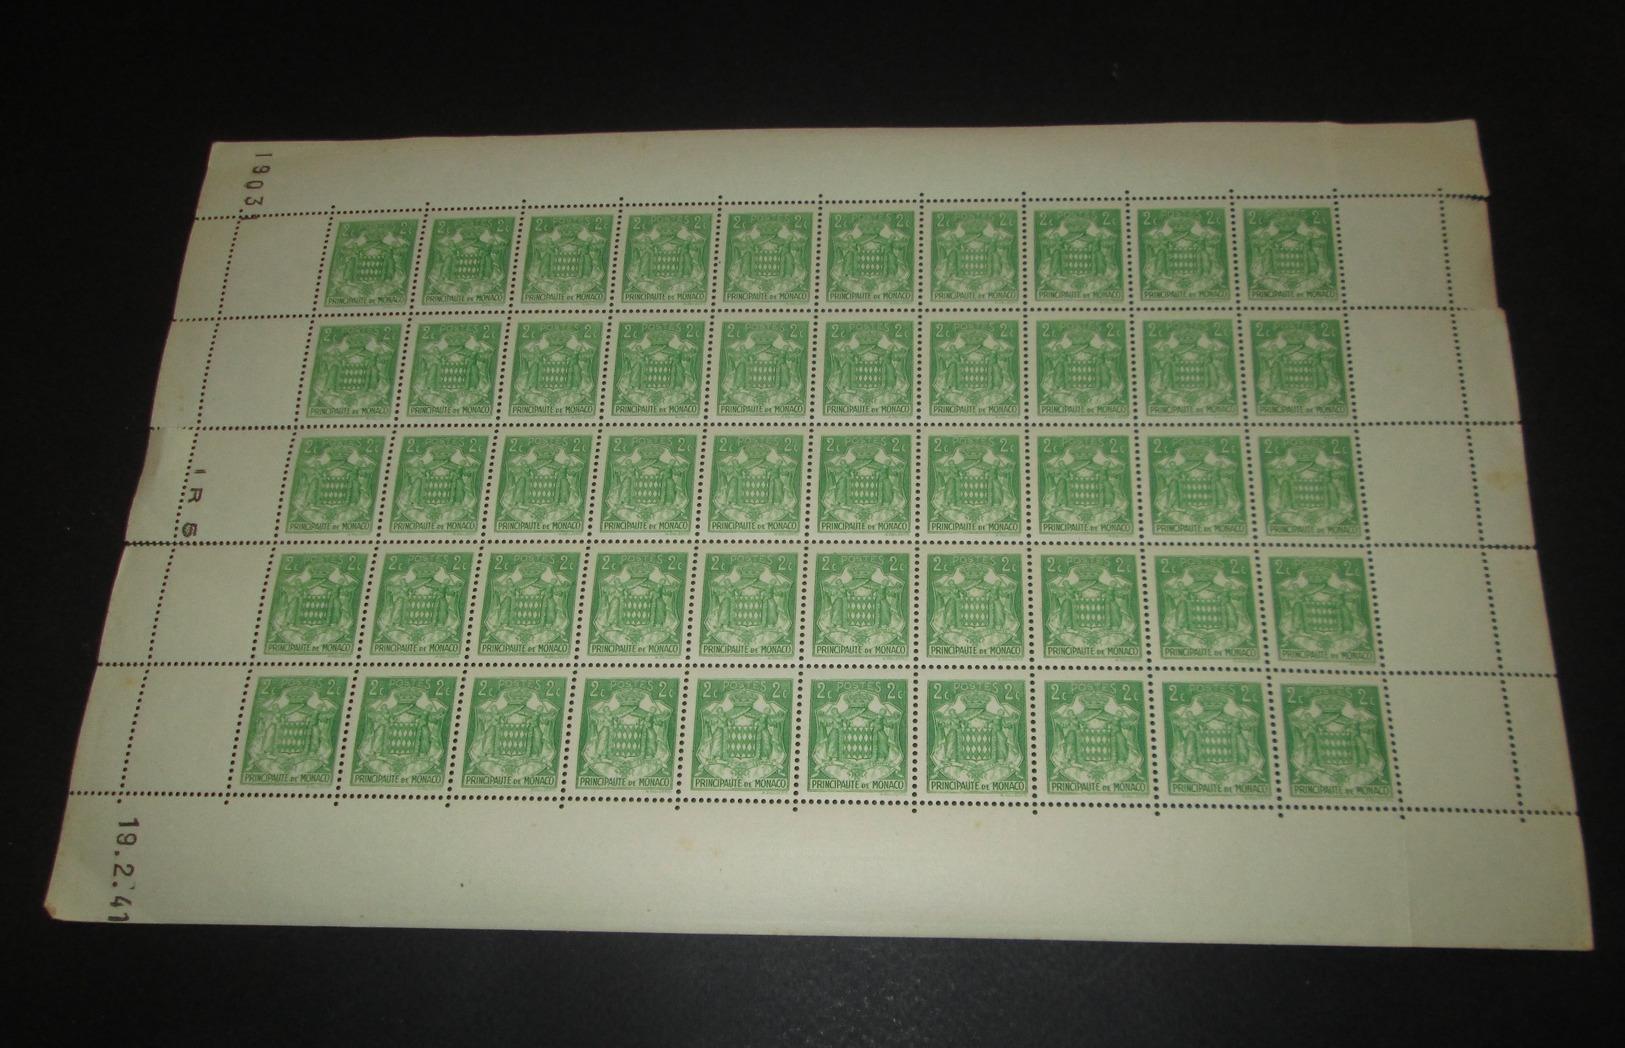 Timbre Monaco NEUF** N° 155 Armoiries  Avec Coin Daté Feuille Complète - Feuilles Complètes